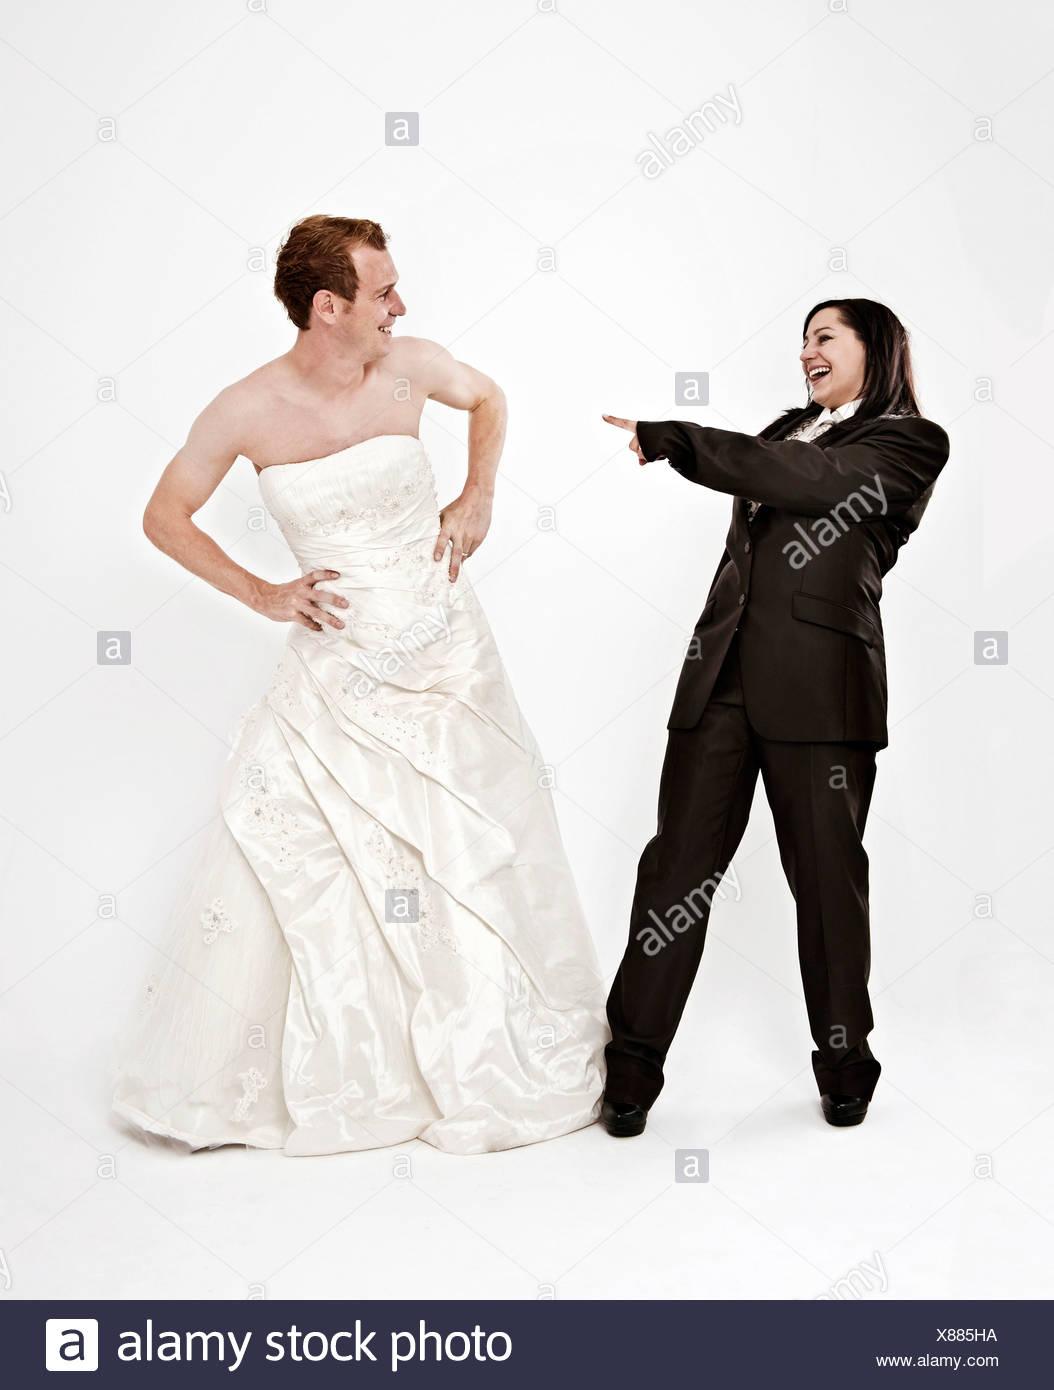 Schön Indian Braut Bräutigam Hochzeitskleid Zeitgenössisch ...